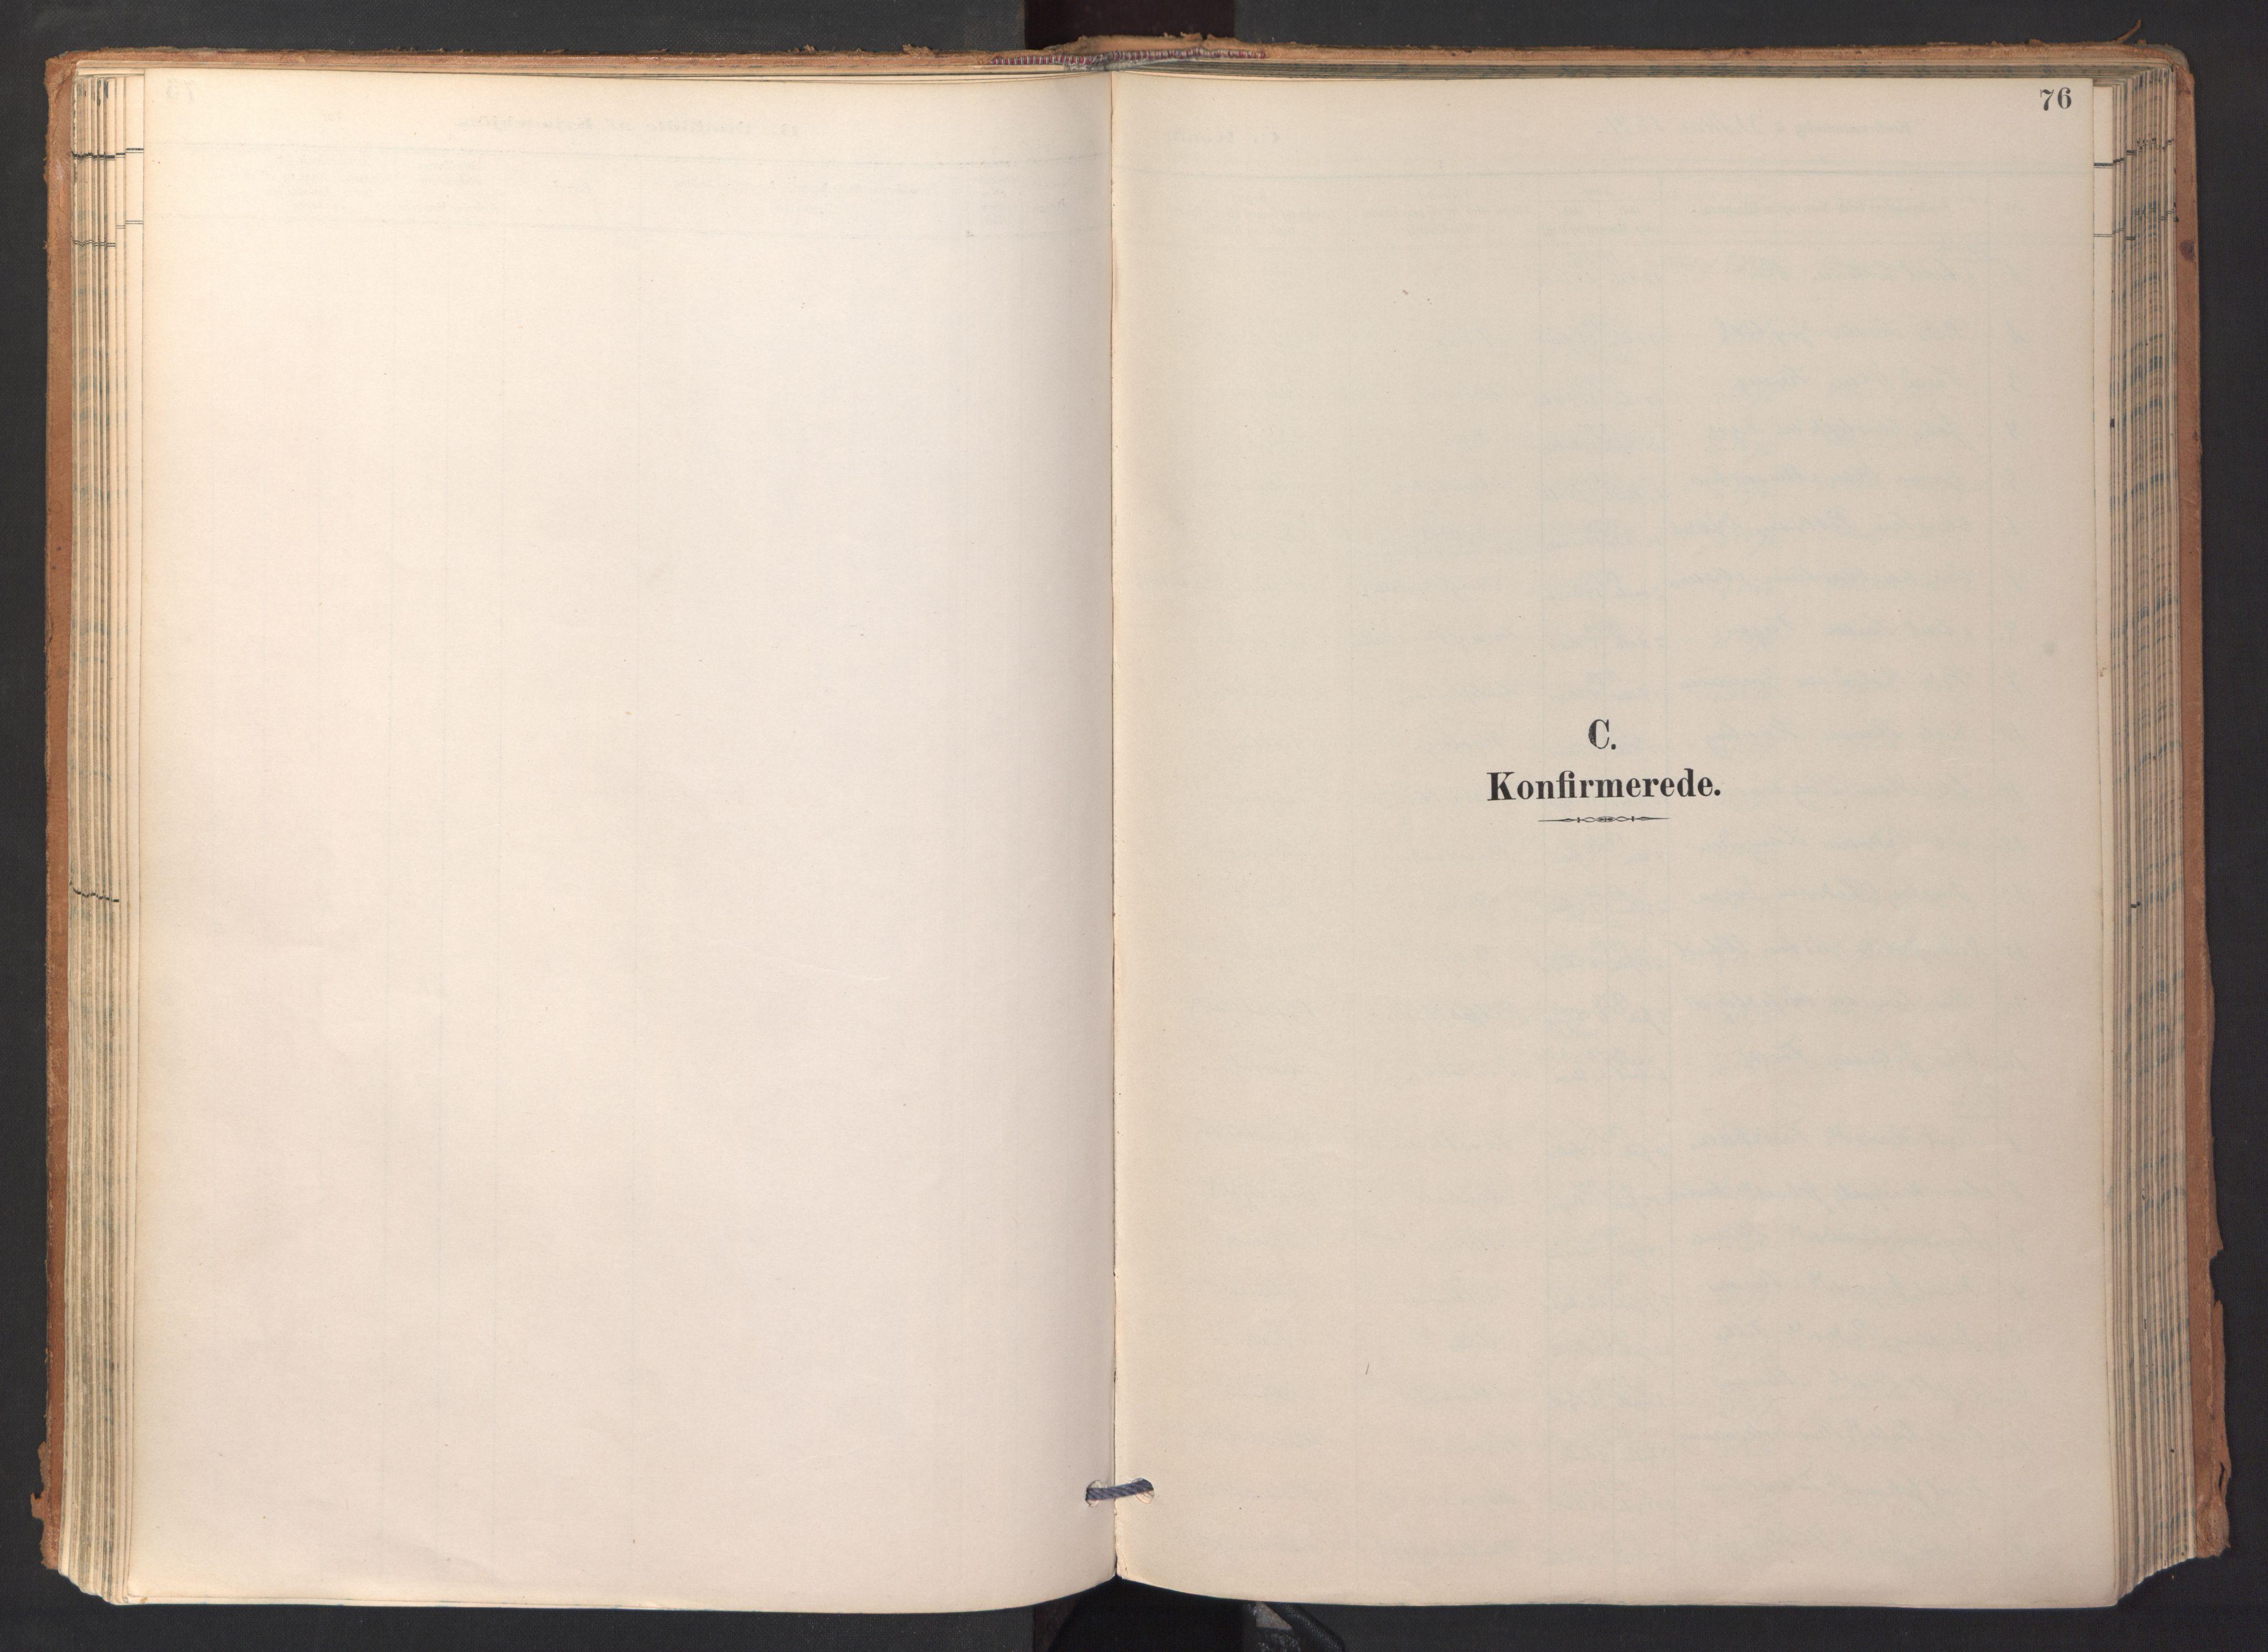 SAT, Ministerialprotokoller, klokkerbøker og fødselsregistre - Sør-Trøndelag, 688/L1025: Ministerialbok nr. 688A02, 1891-1909, s. 76